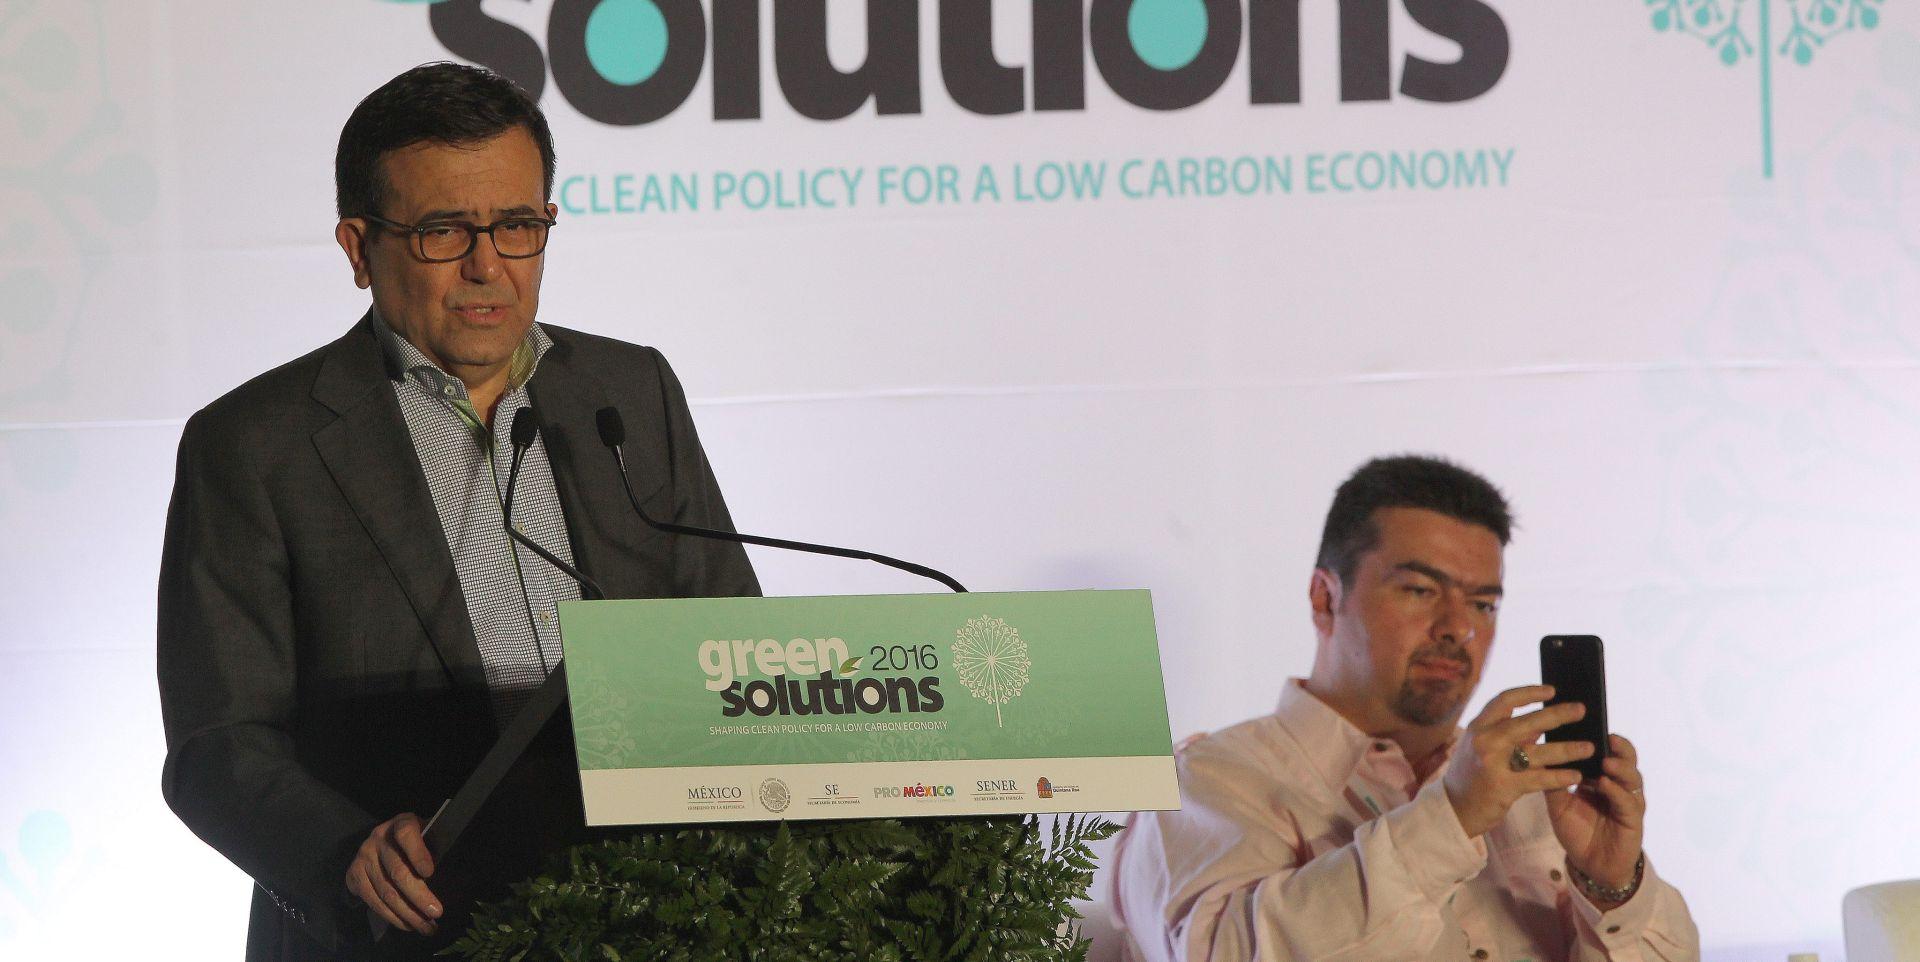 GUAJARDO: Meksiko bi mogao istupiti iz NAFTA-e ako novi uvjeti budu nepovoljni